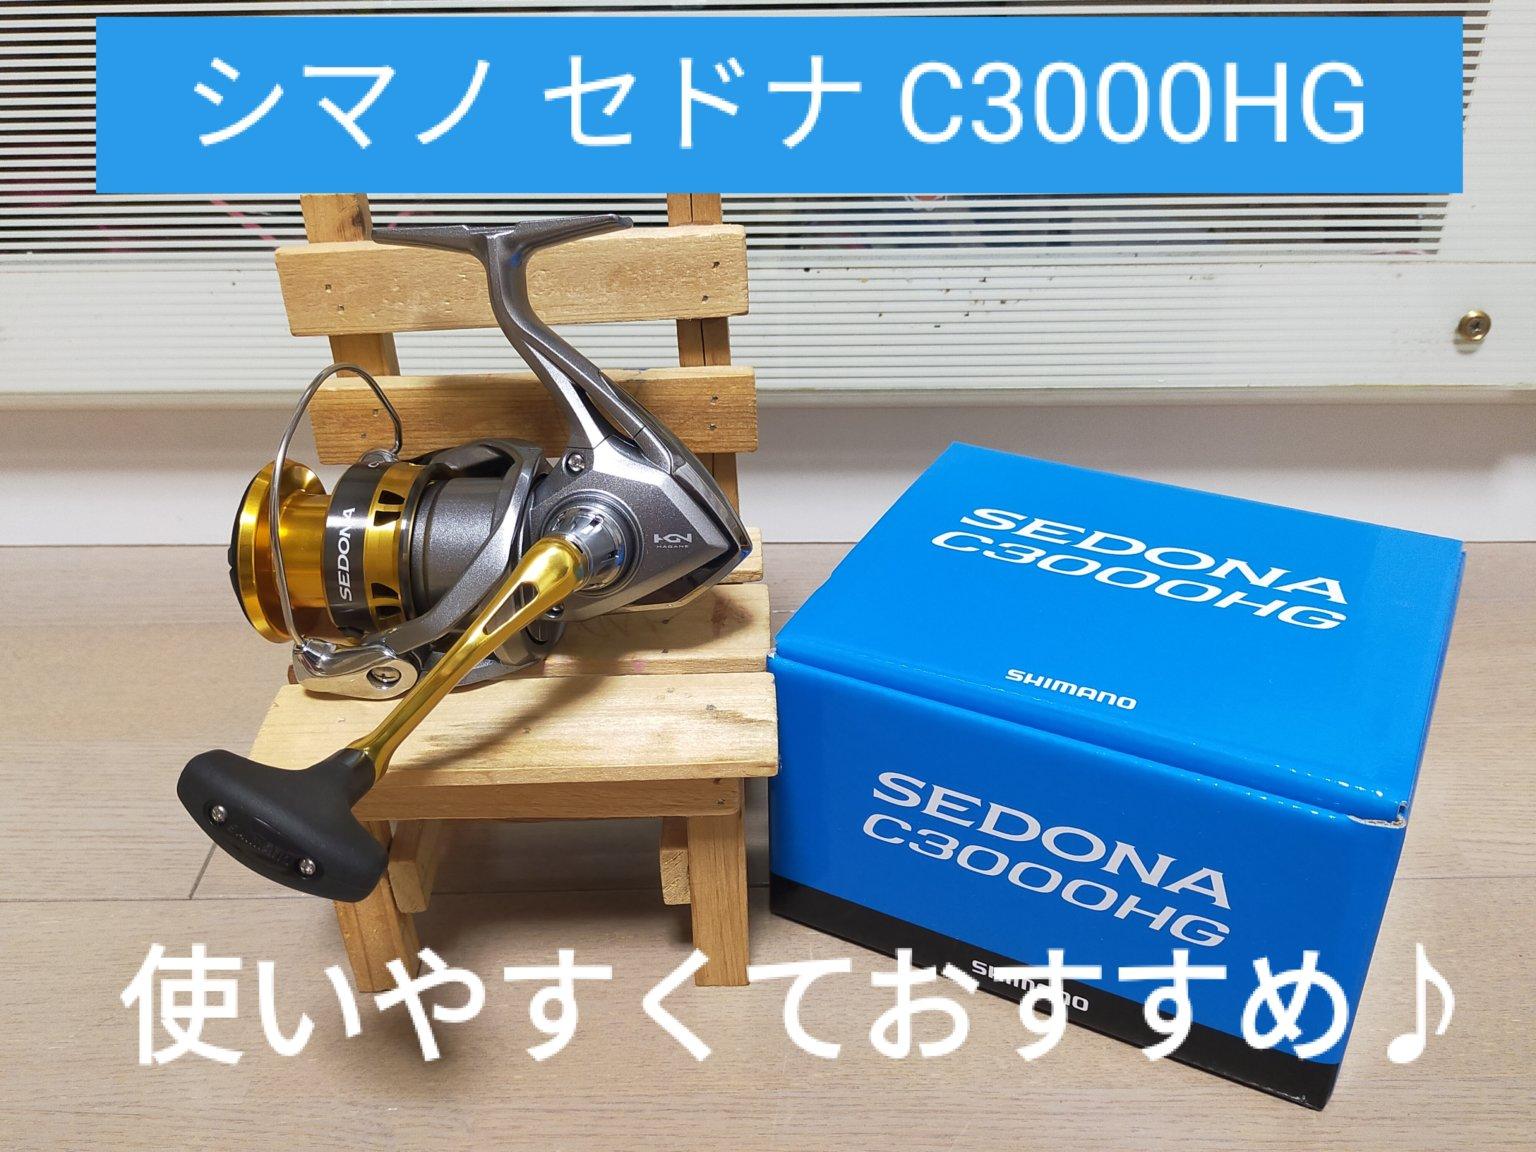 リーズナブルでおすすめのリール♪シマノのセドナC3000HG購入♪【開封紹介】